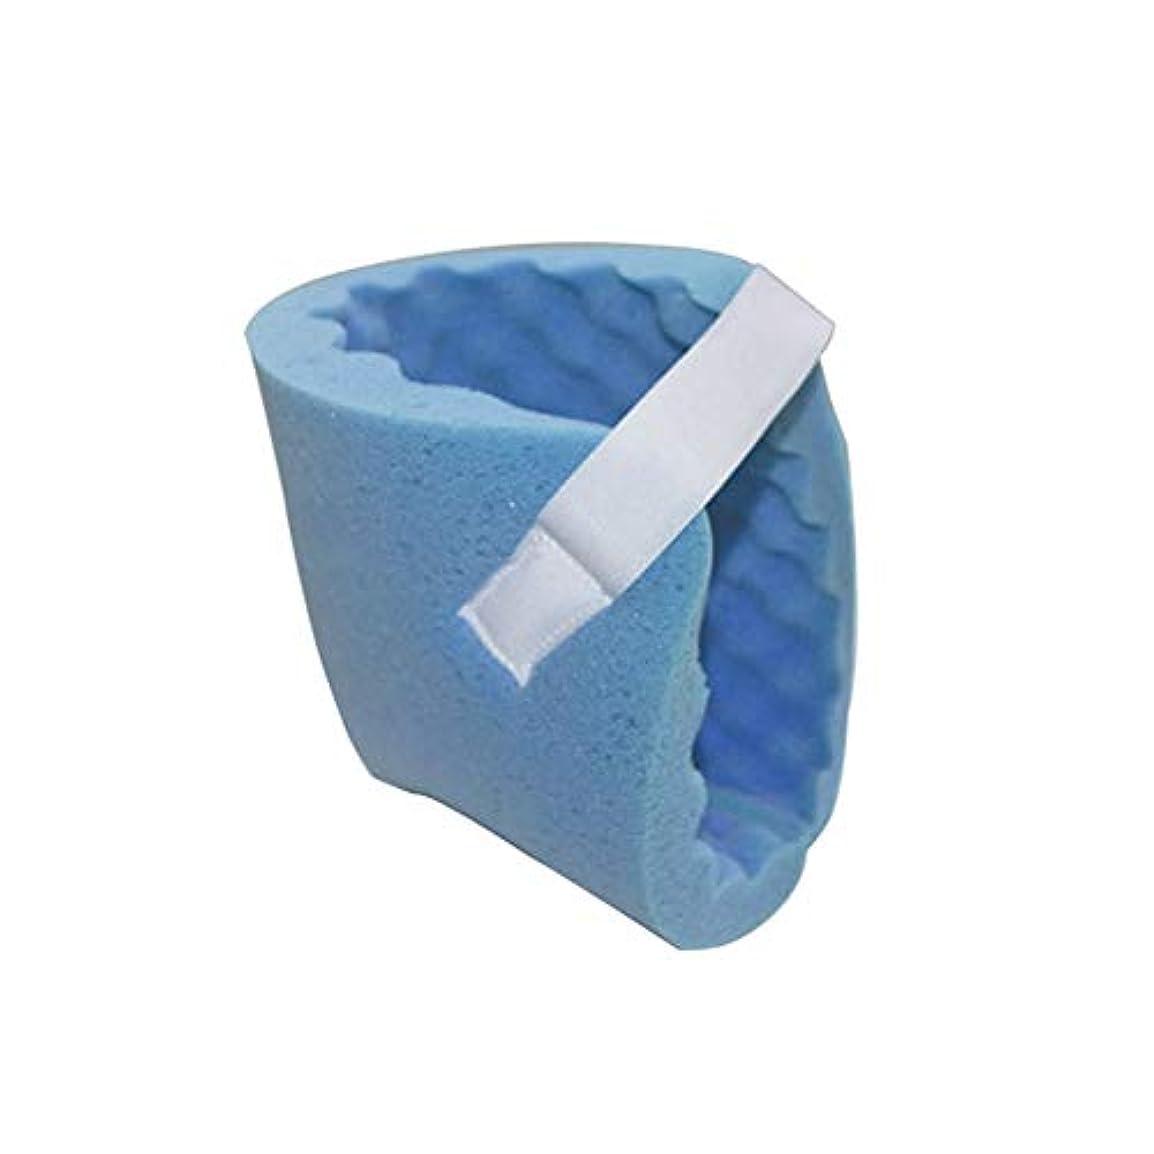 信仰バーマド出血かかと抗Press瘡保護パッド、反De瘡通気性減圧波型かかとパッド、ケア用品